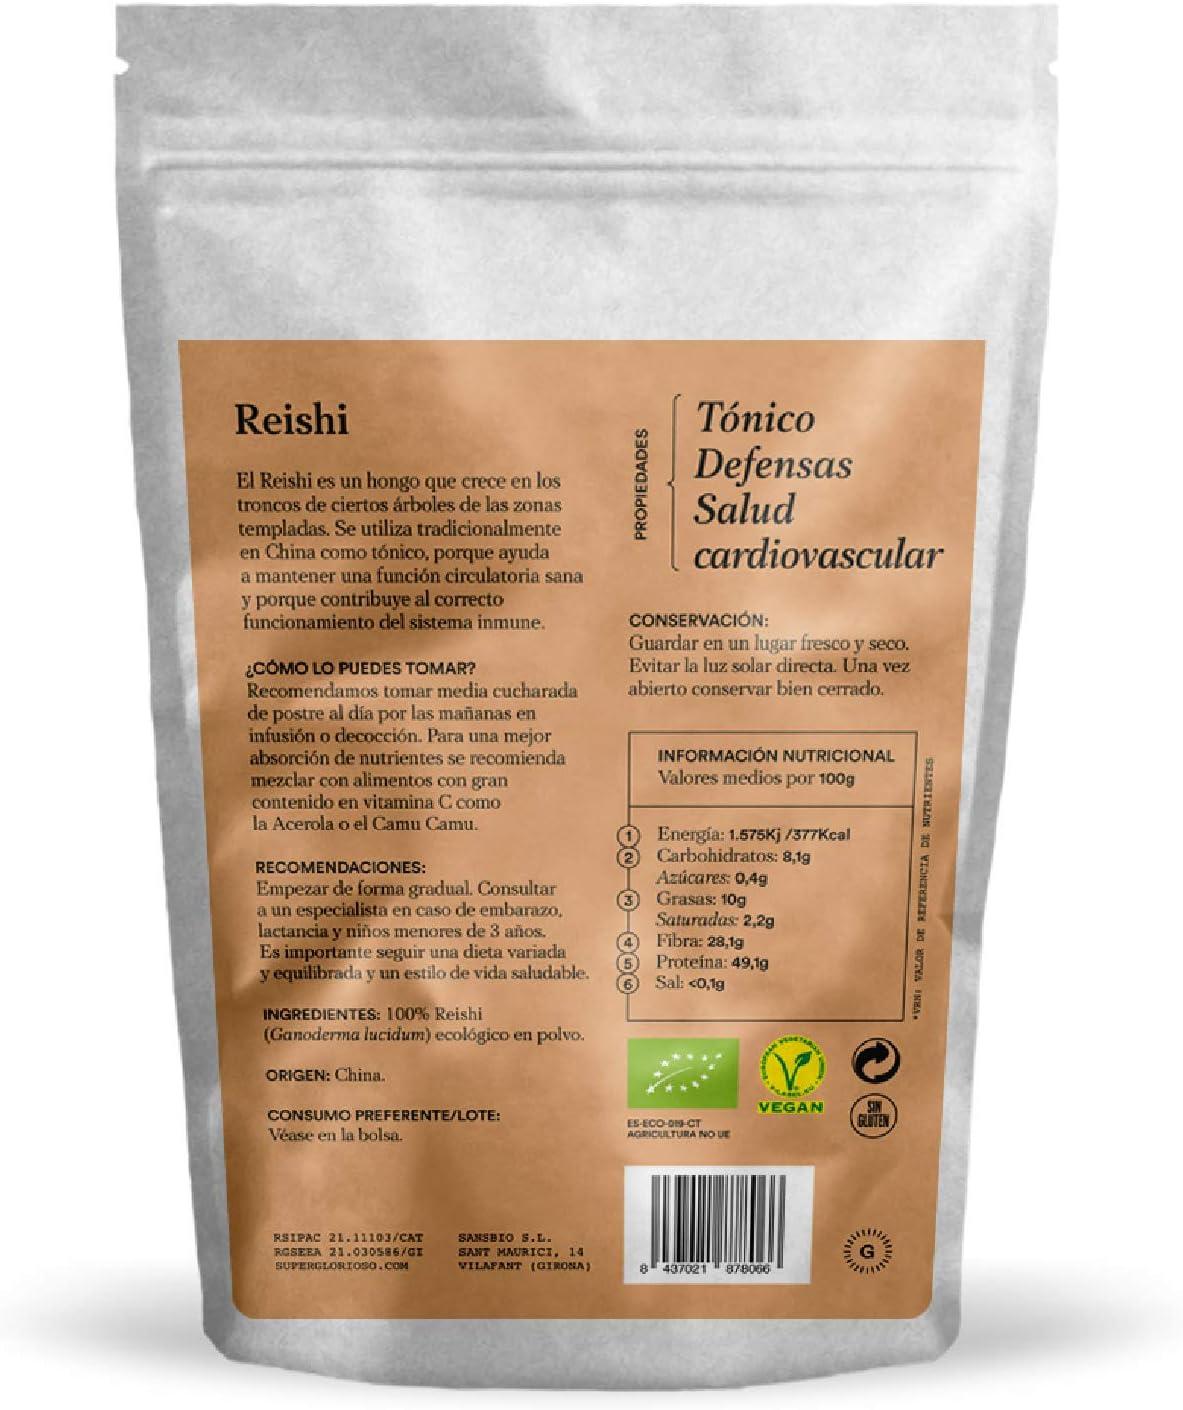 Glorioso Super Nutrients - Reishi en polvo Bio 100g – Tónico – Aliado antiestrés